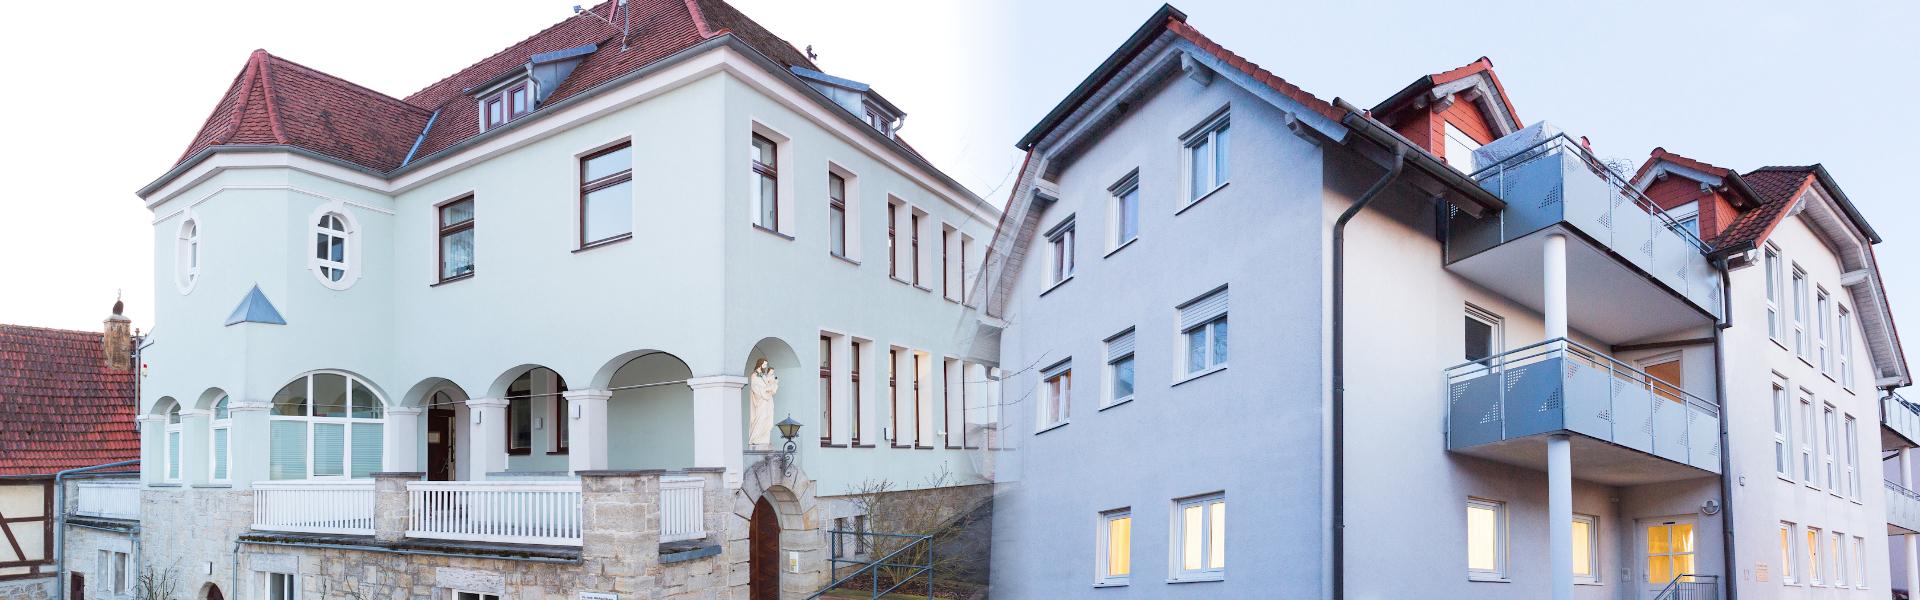 Unsere Standorte in Urspringen und Steinfeld - Hausarzt Dr. Brack